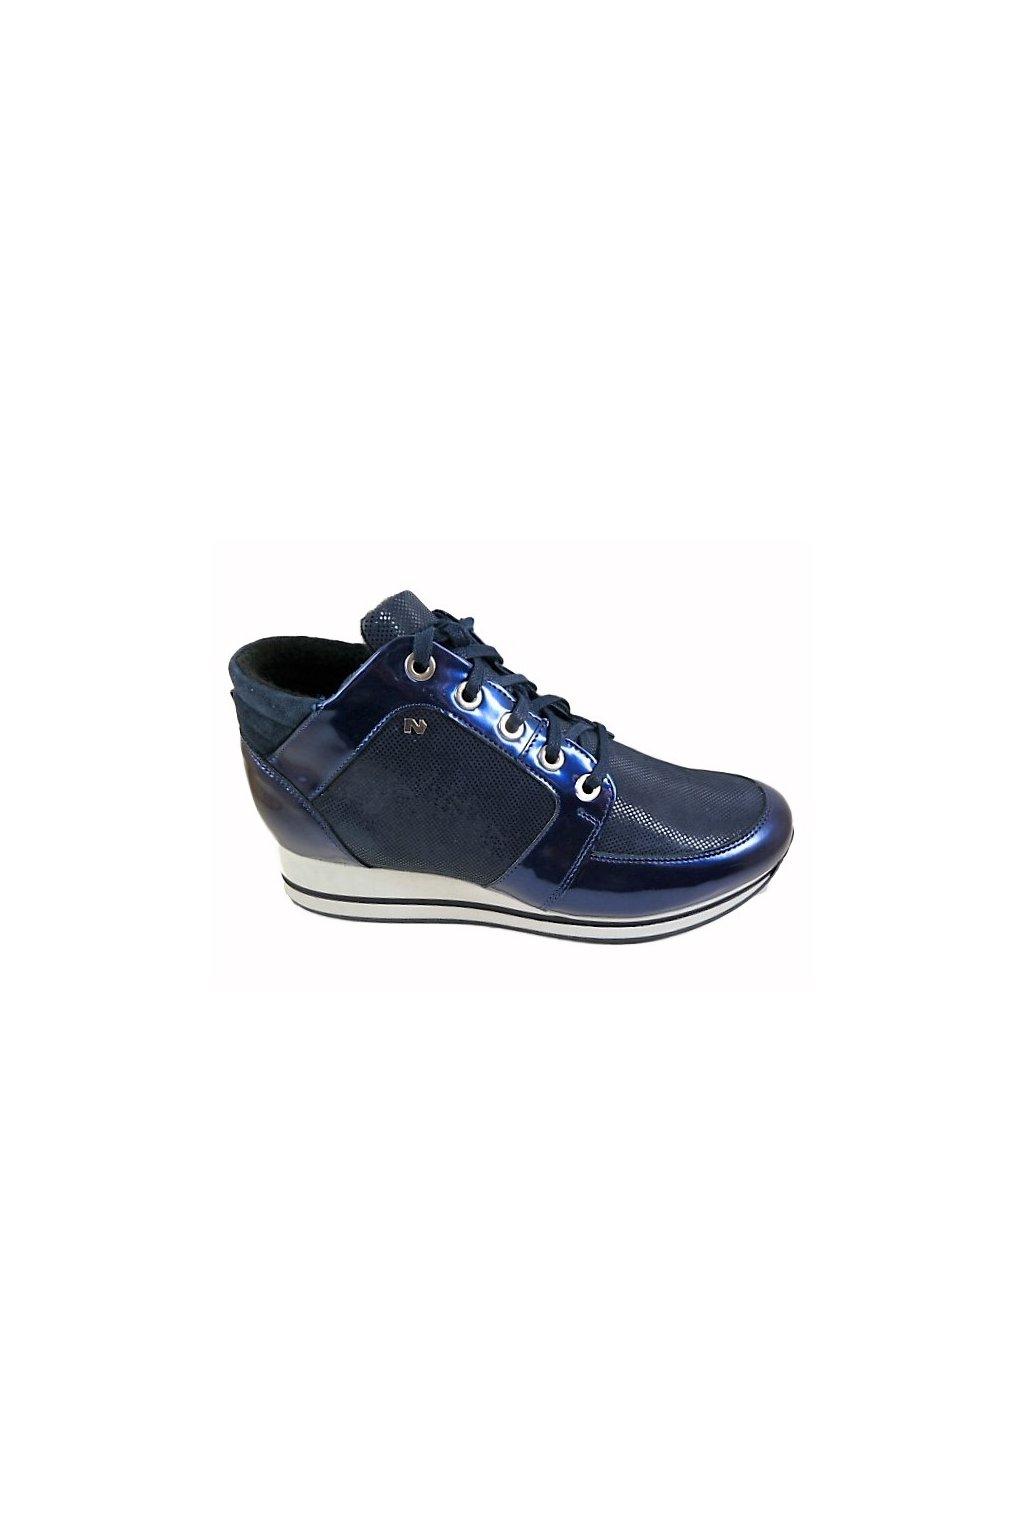 Nik 08-0397-002 modrá